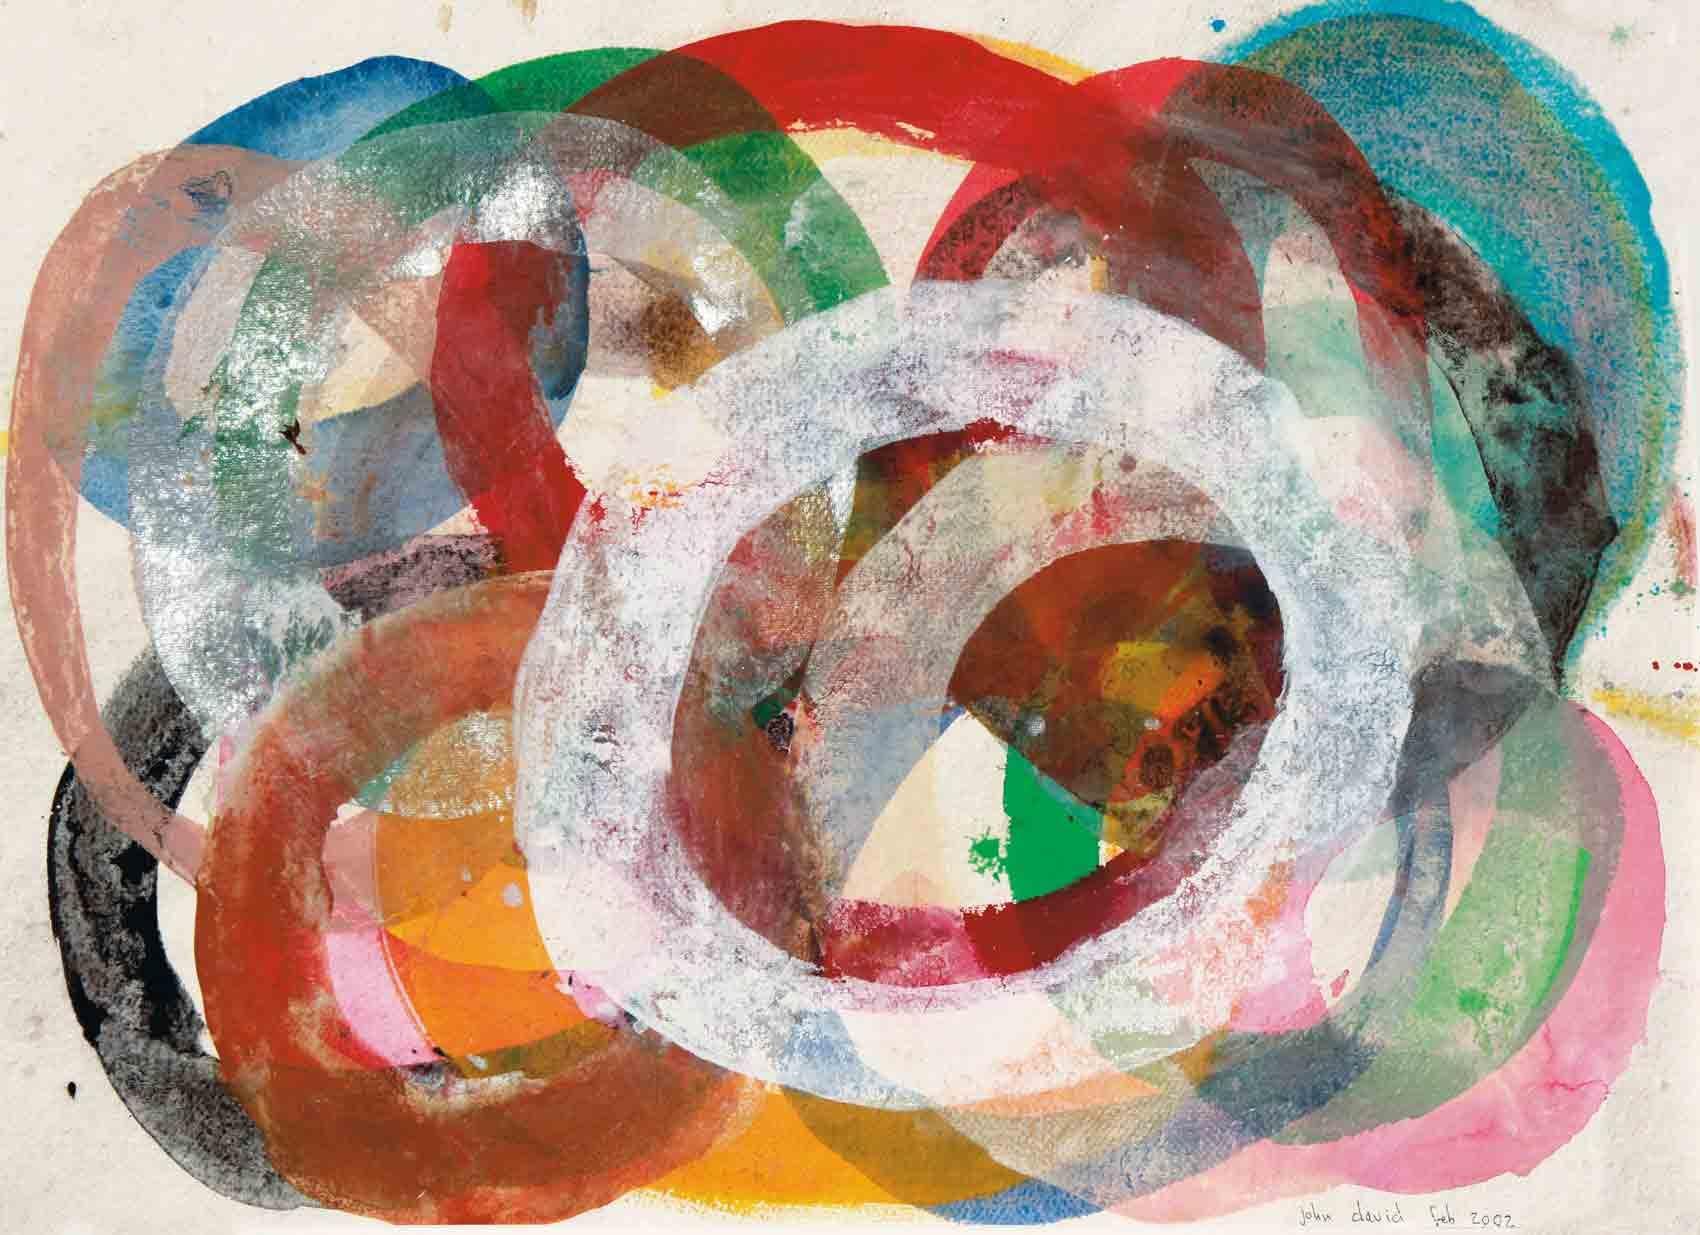 John David´s Gemälde Circles of Joy, Kunst